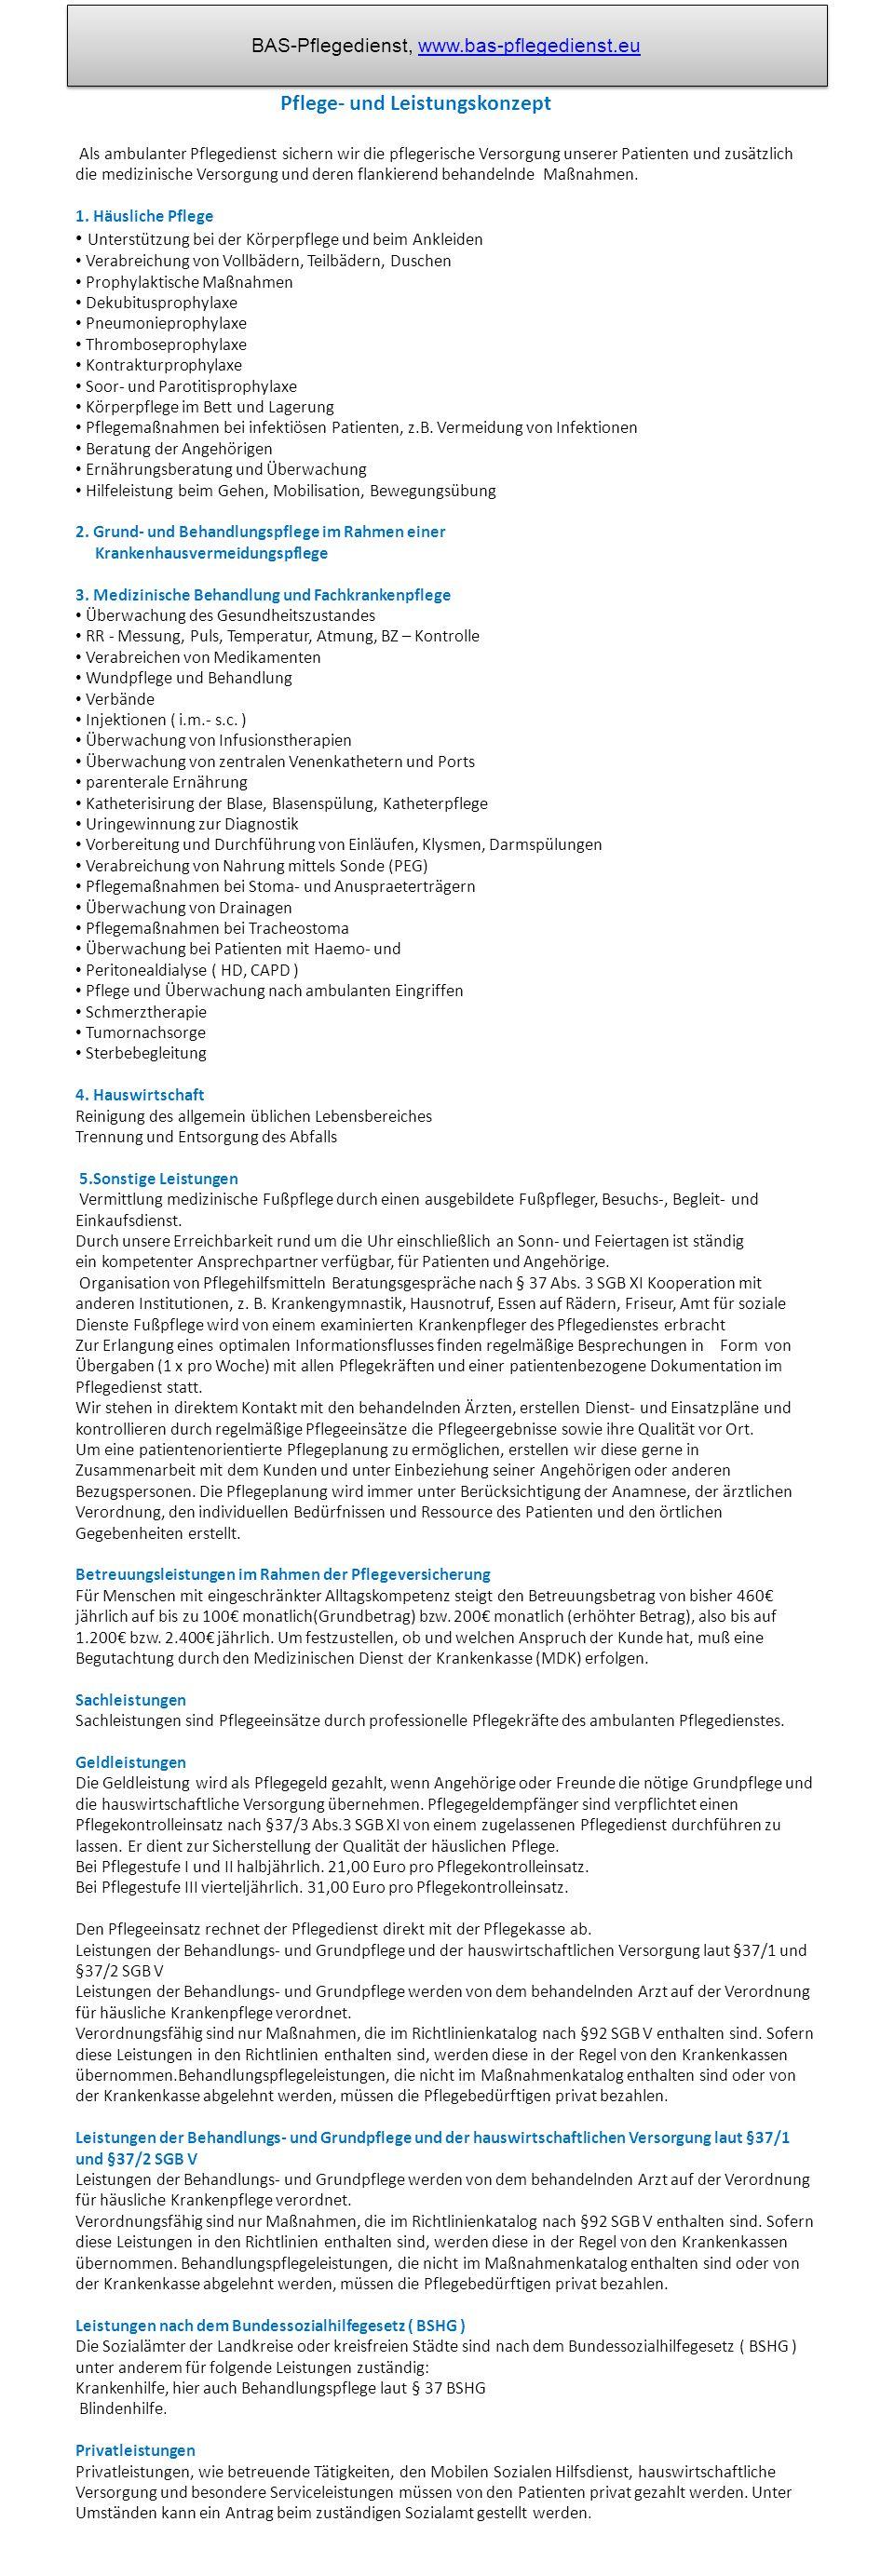 BAS-Pflegedienst, www.bas-pflegedienst.eu